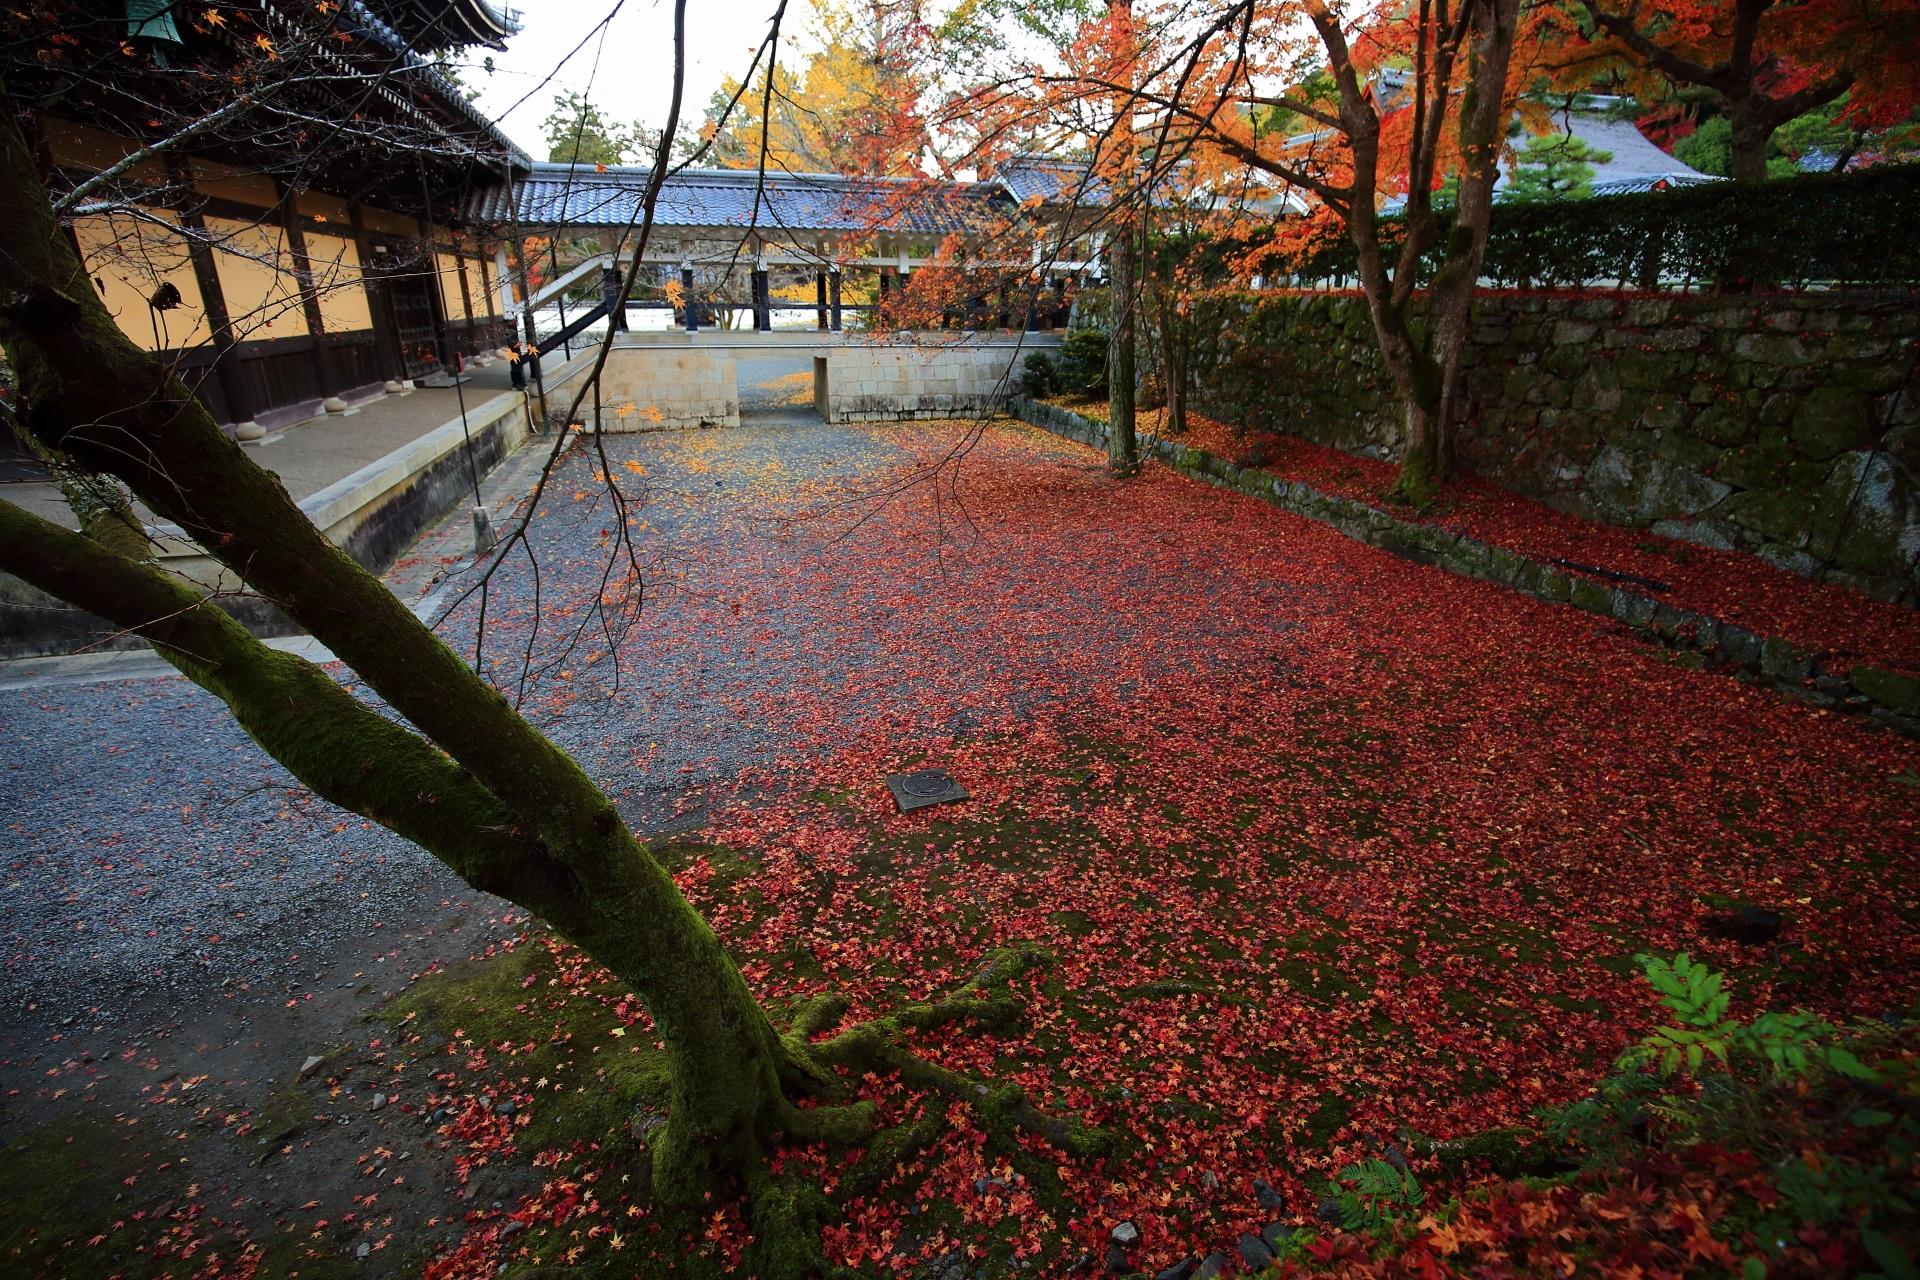 南禅寺の法堂裏の散り紅葉